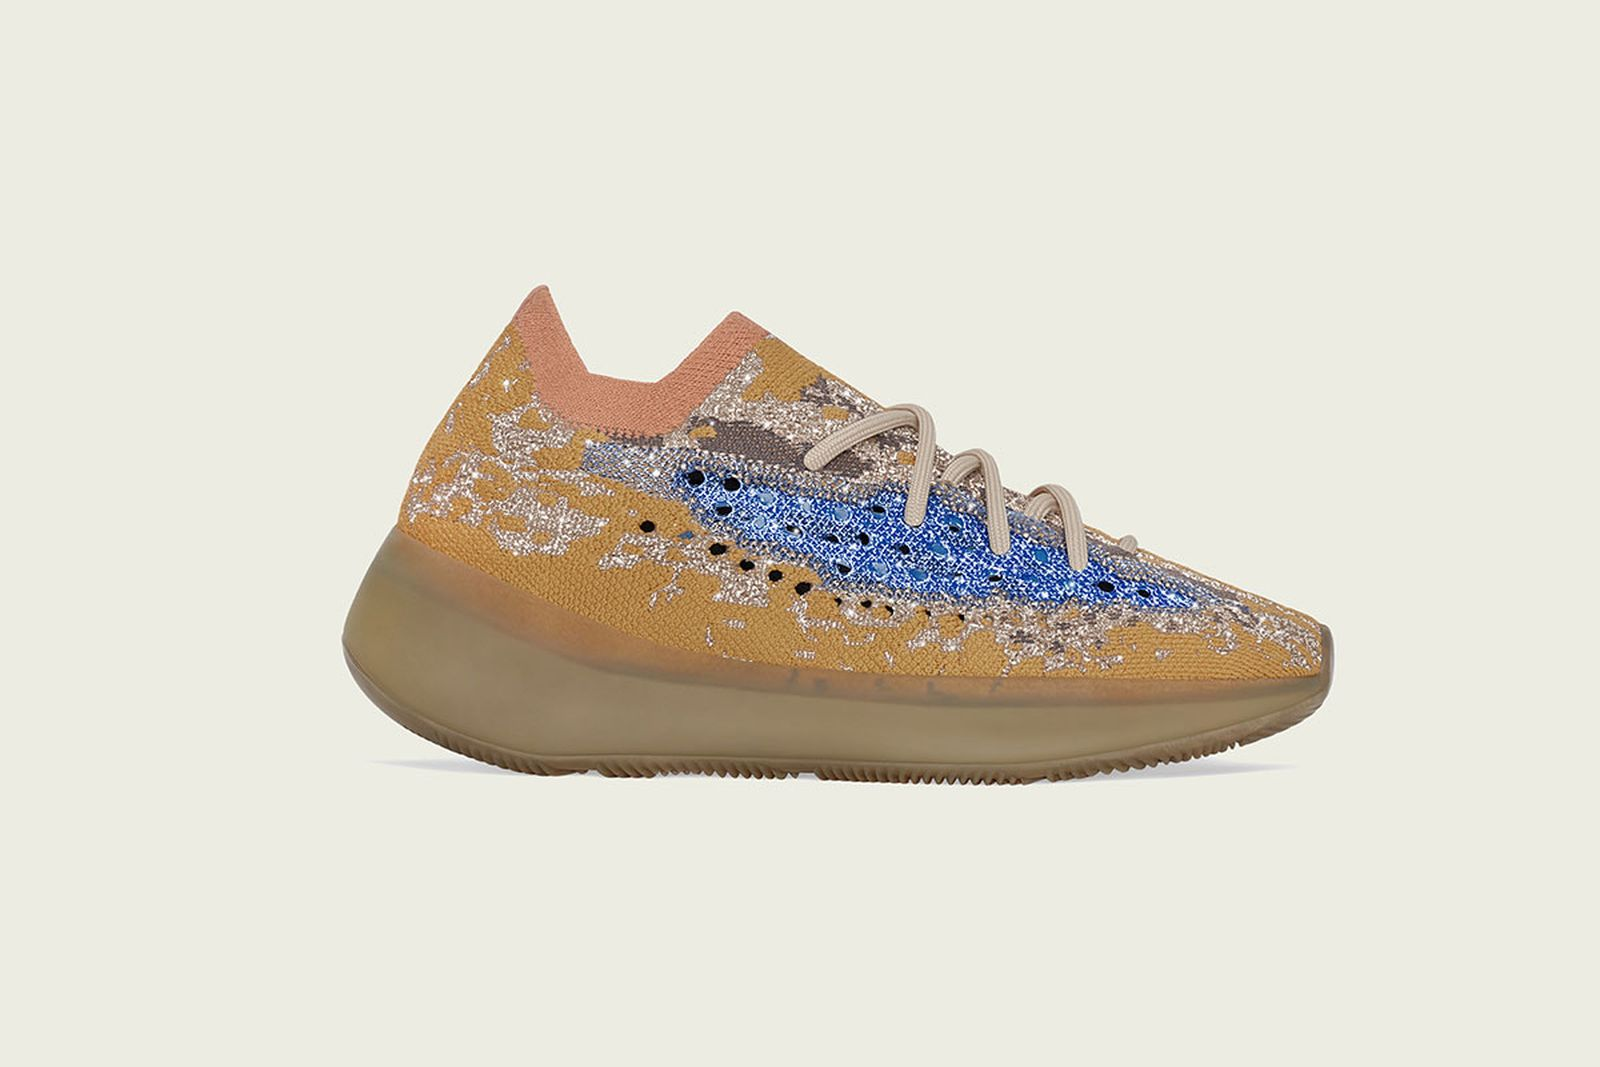 adidas yeezy boost 380 blue oat produt shot